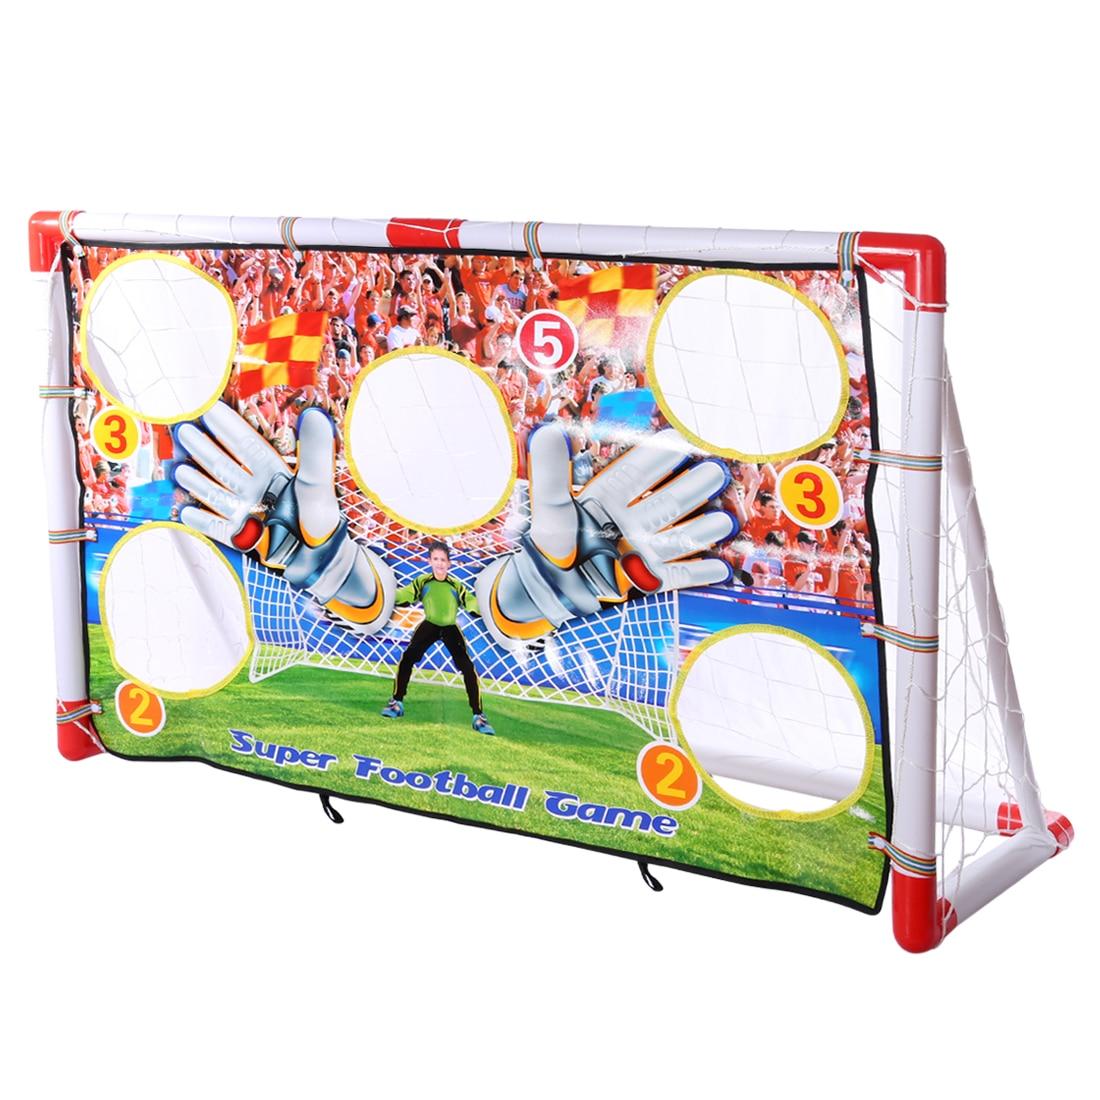 Portatile Pieghevole Goal di Calcio Per Bambini Netto Set Porta di Calcio Calcio Cancello con Scheda